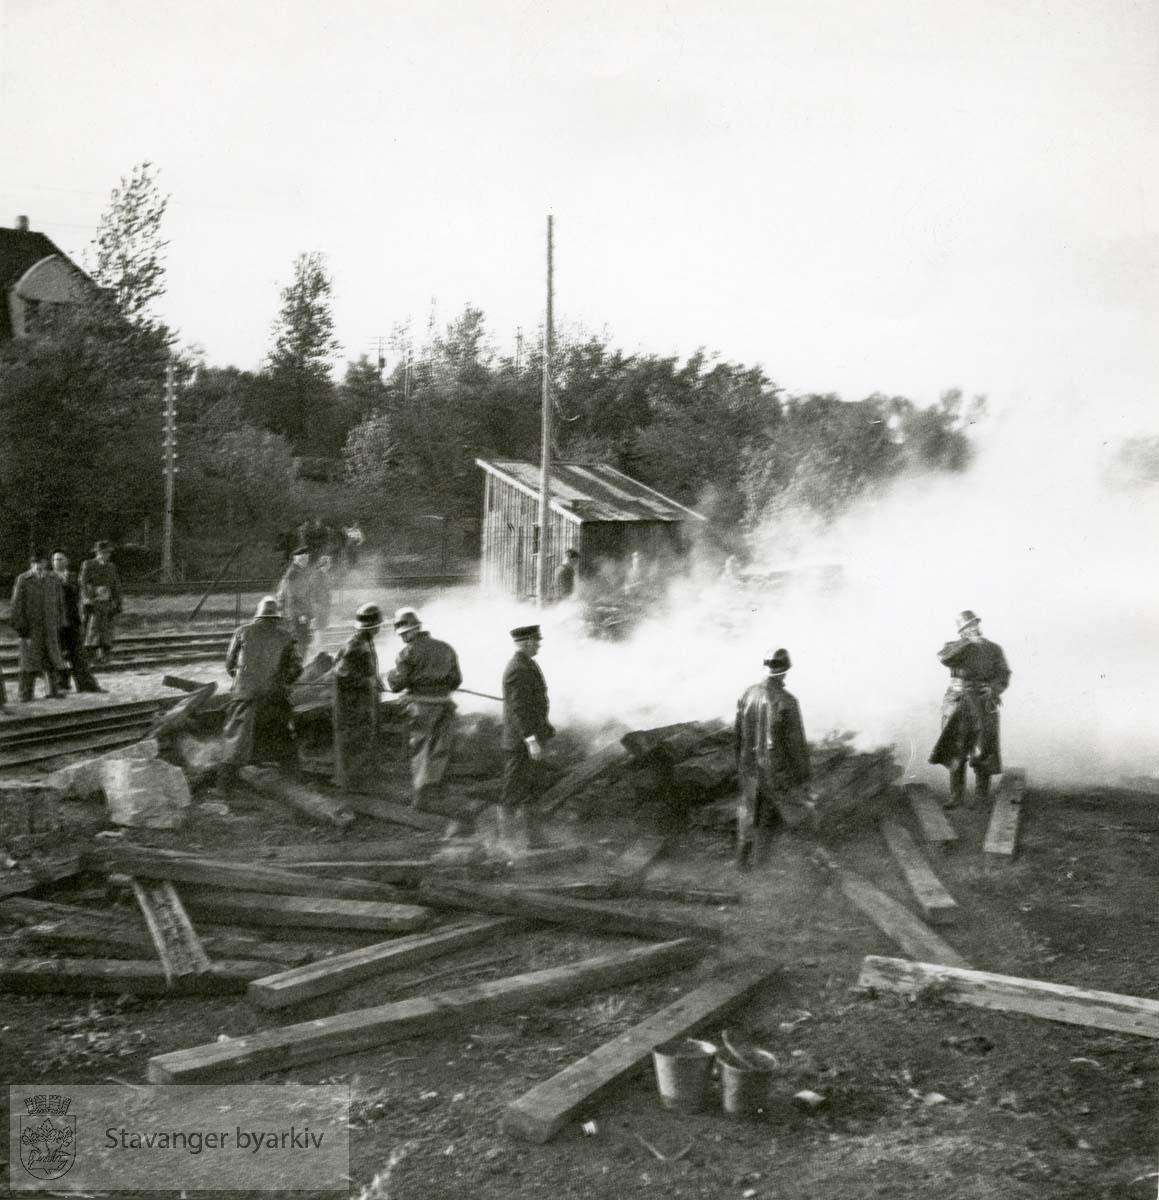 Brannområdet med brannmenn, bøtter og tilskuere.